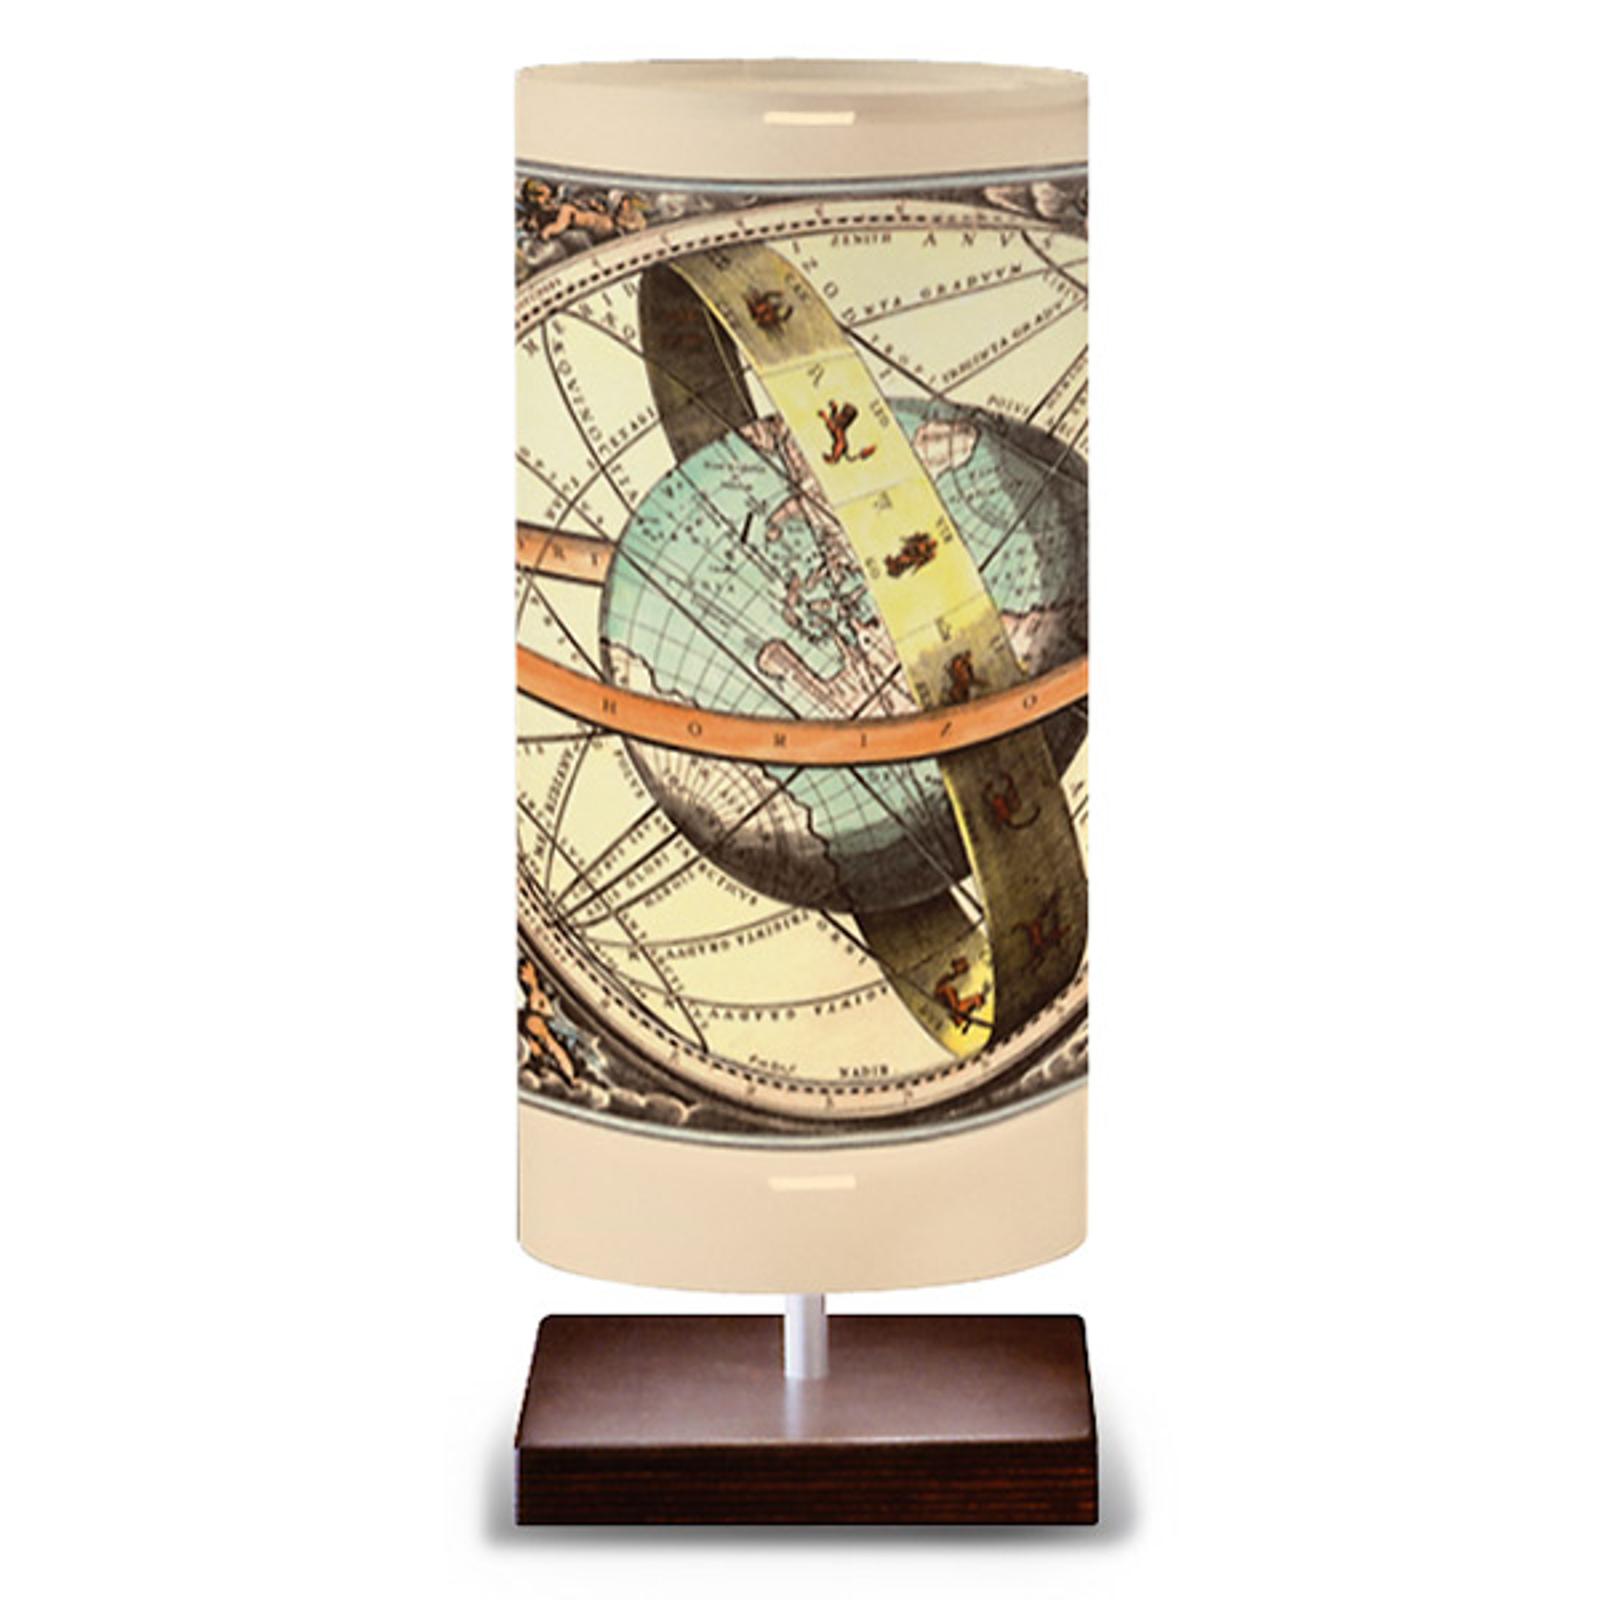 Globe - lampe à poser design de globe terrestre